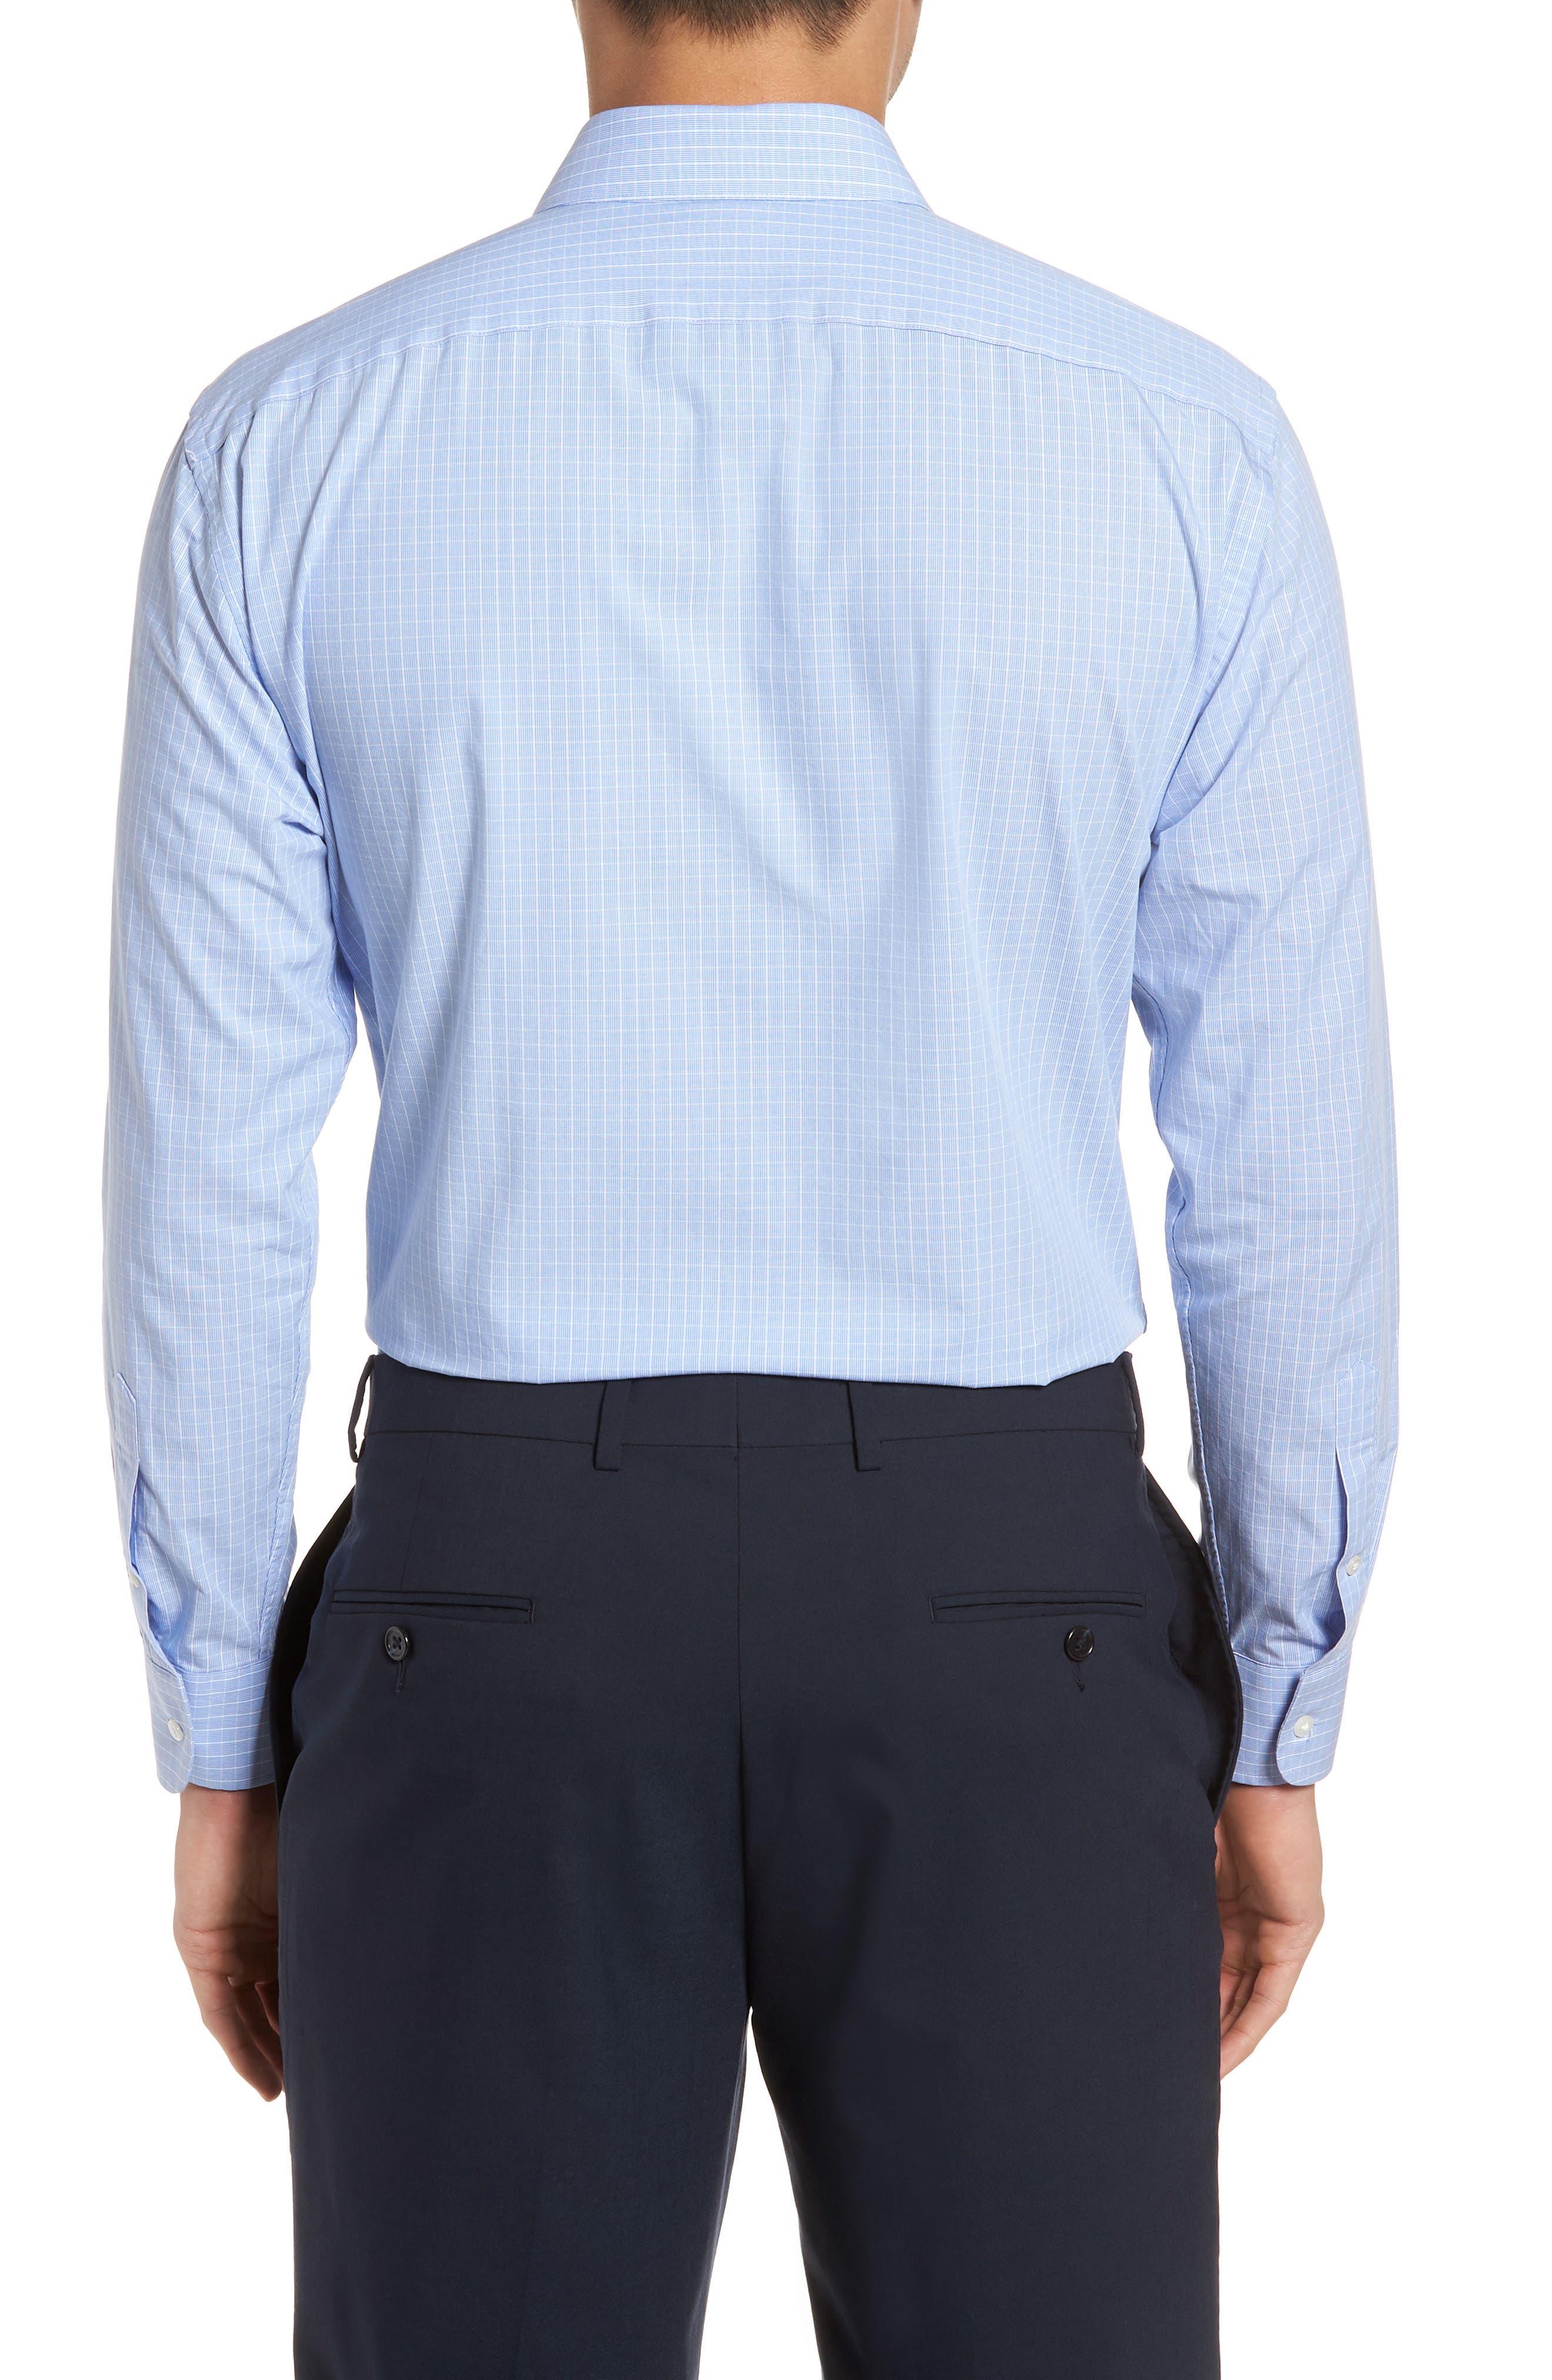 Tech-Smart Trim Fit Stretch Grid Dress Shirt,                             Alternate thumbnail 3, color,                             450